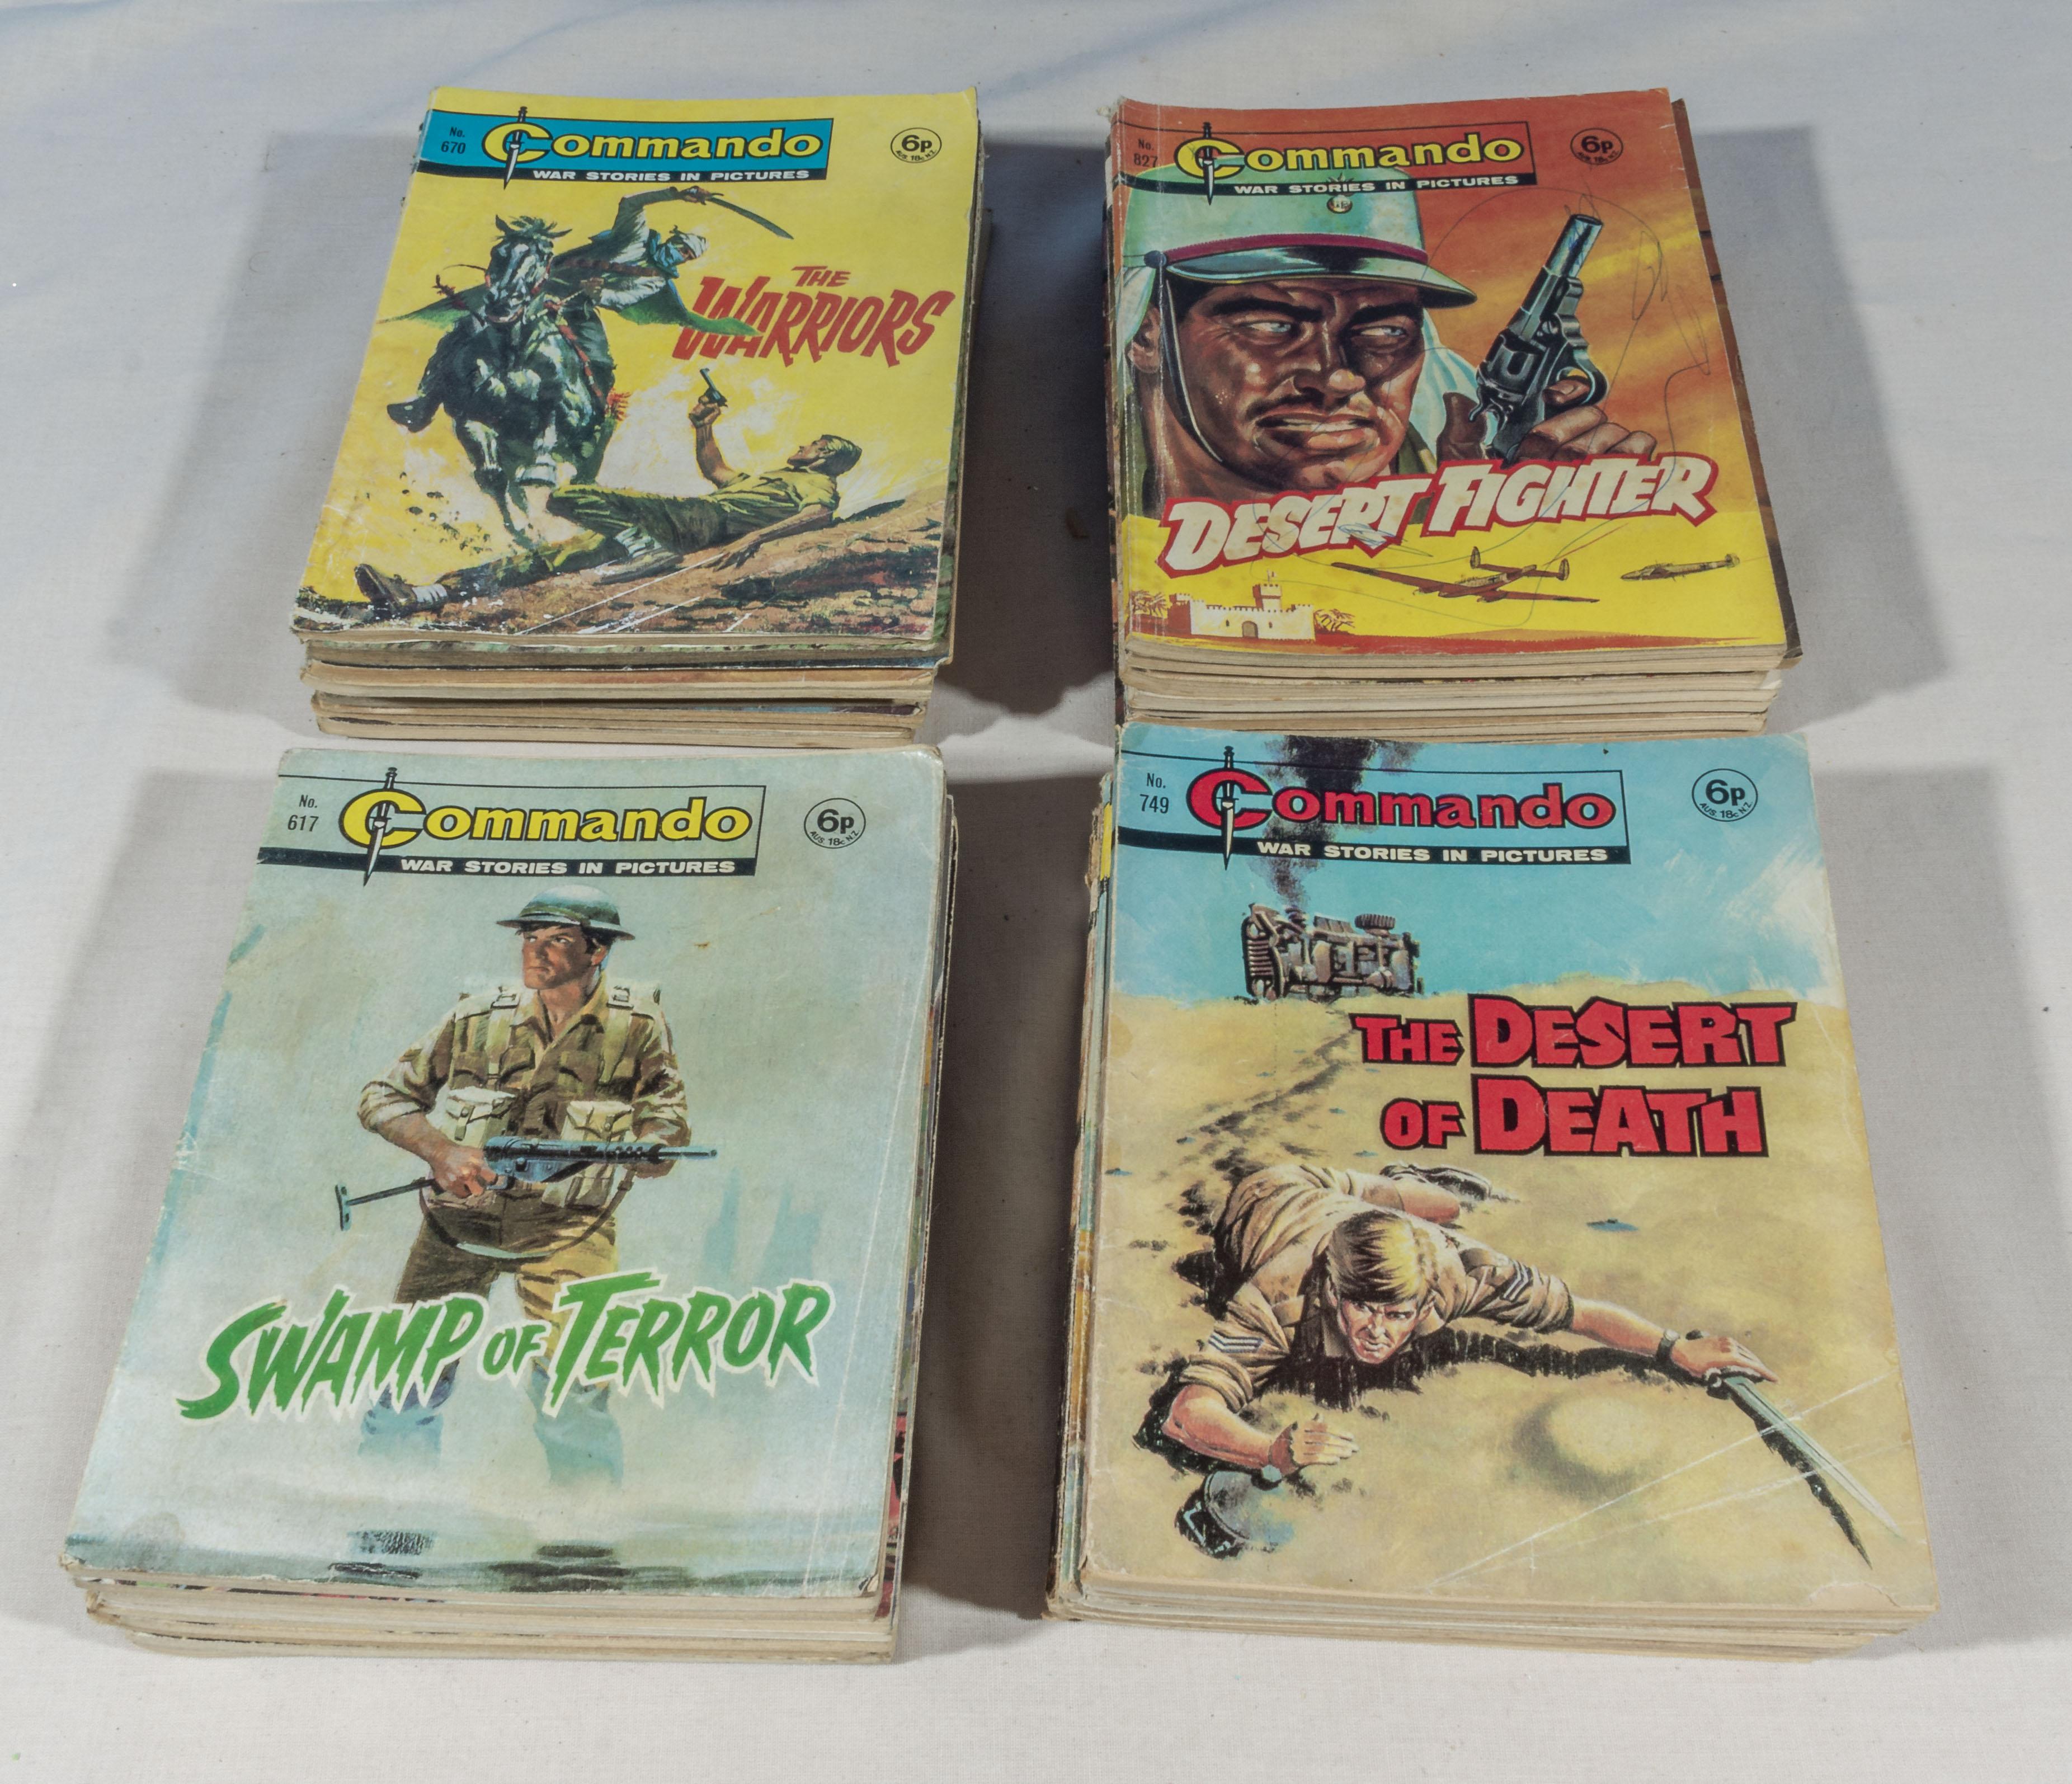 Lot 22 - 40 vintage Commando comics all 6p